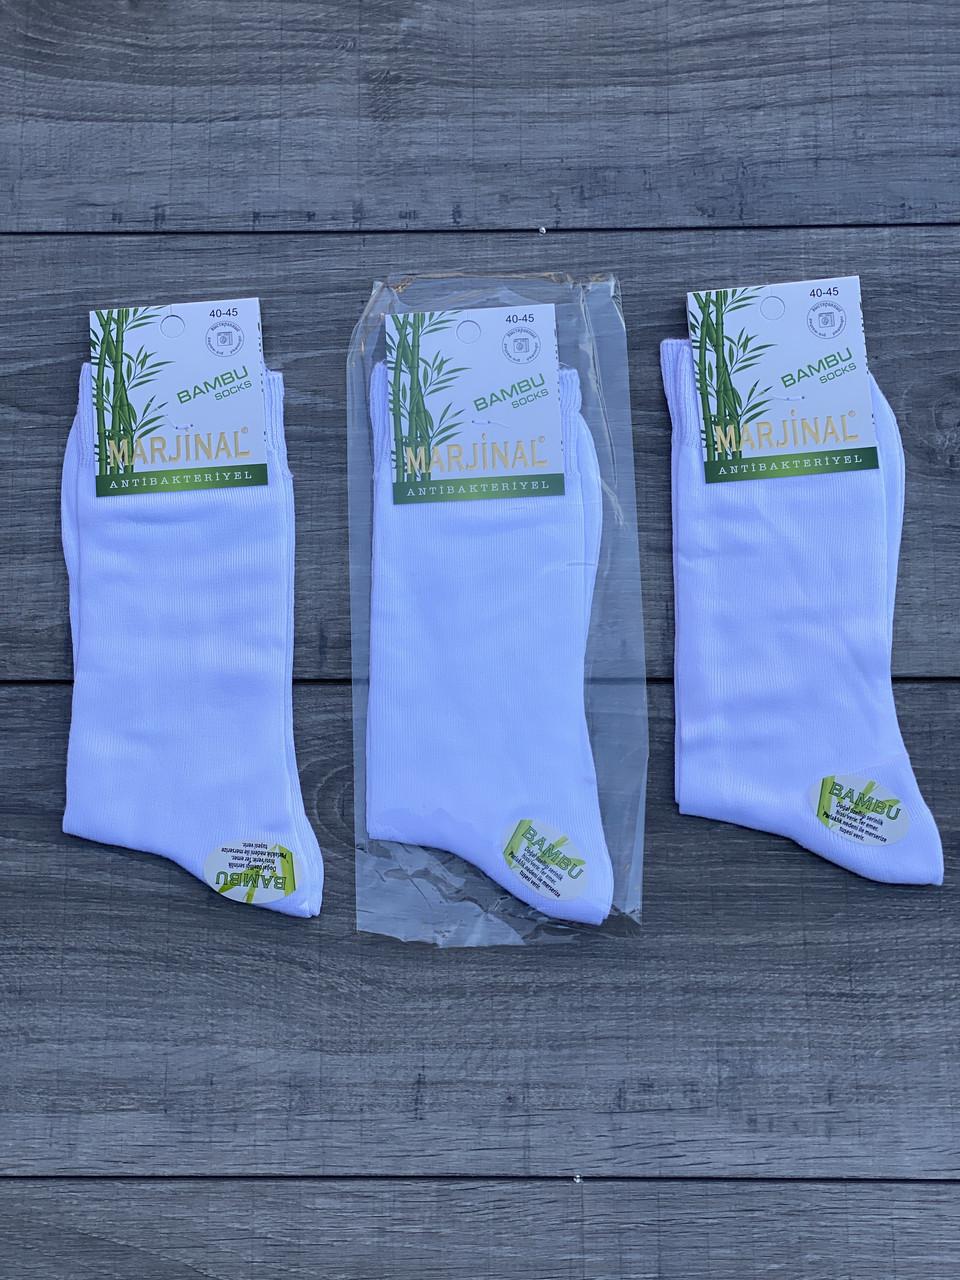 Чоловічі шкарпетки стрейчеві носки Marjinal високі бамбук антибактеріальний продукт 40-45 12 шт в уп білі